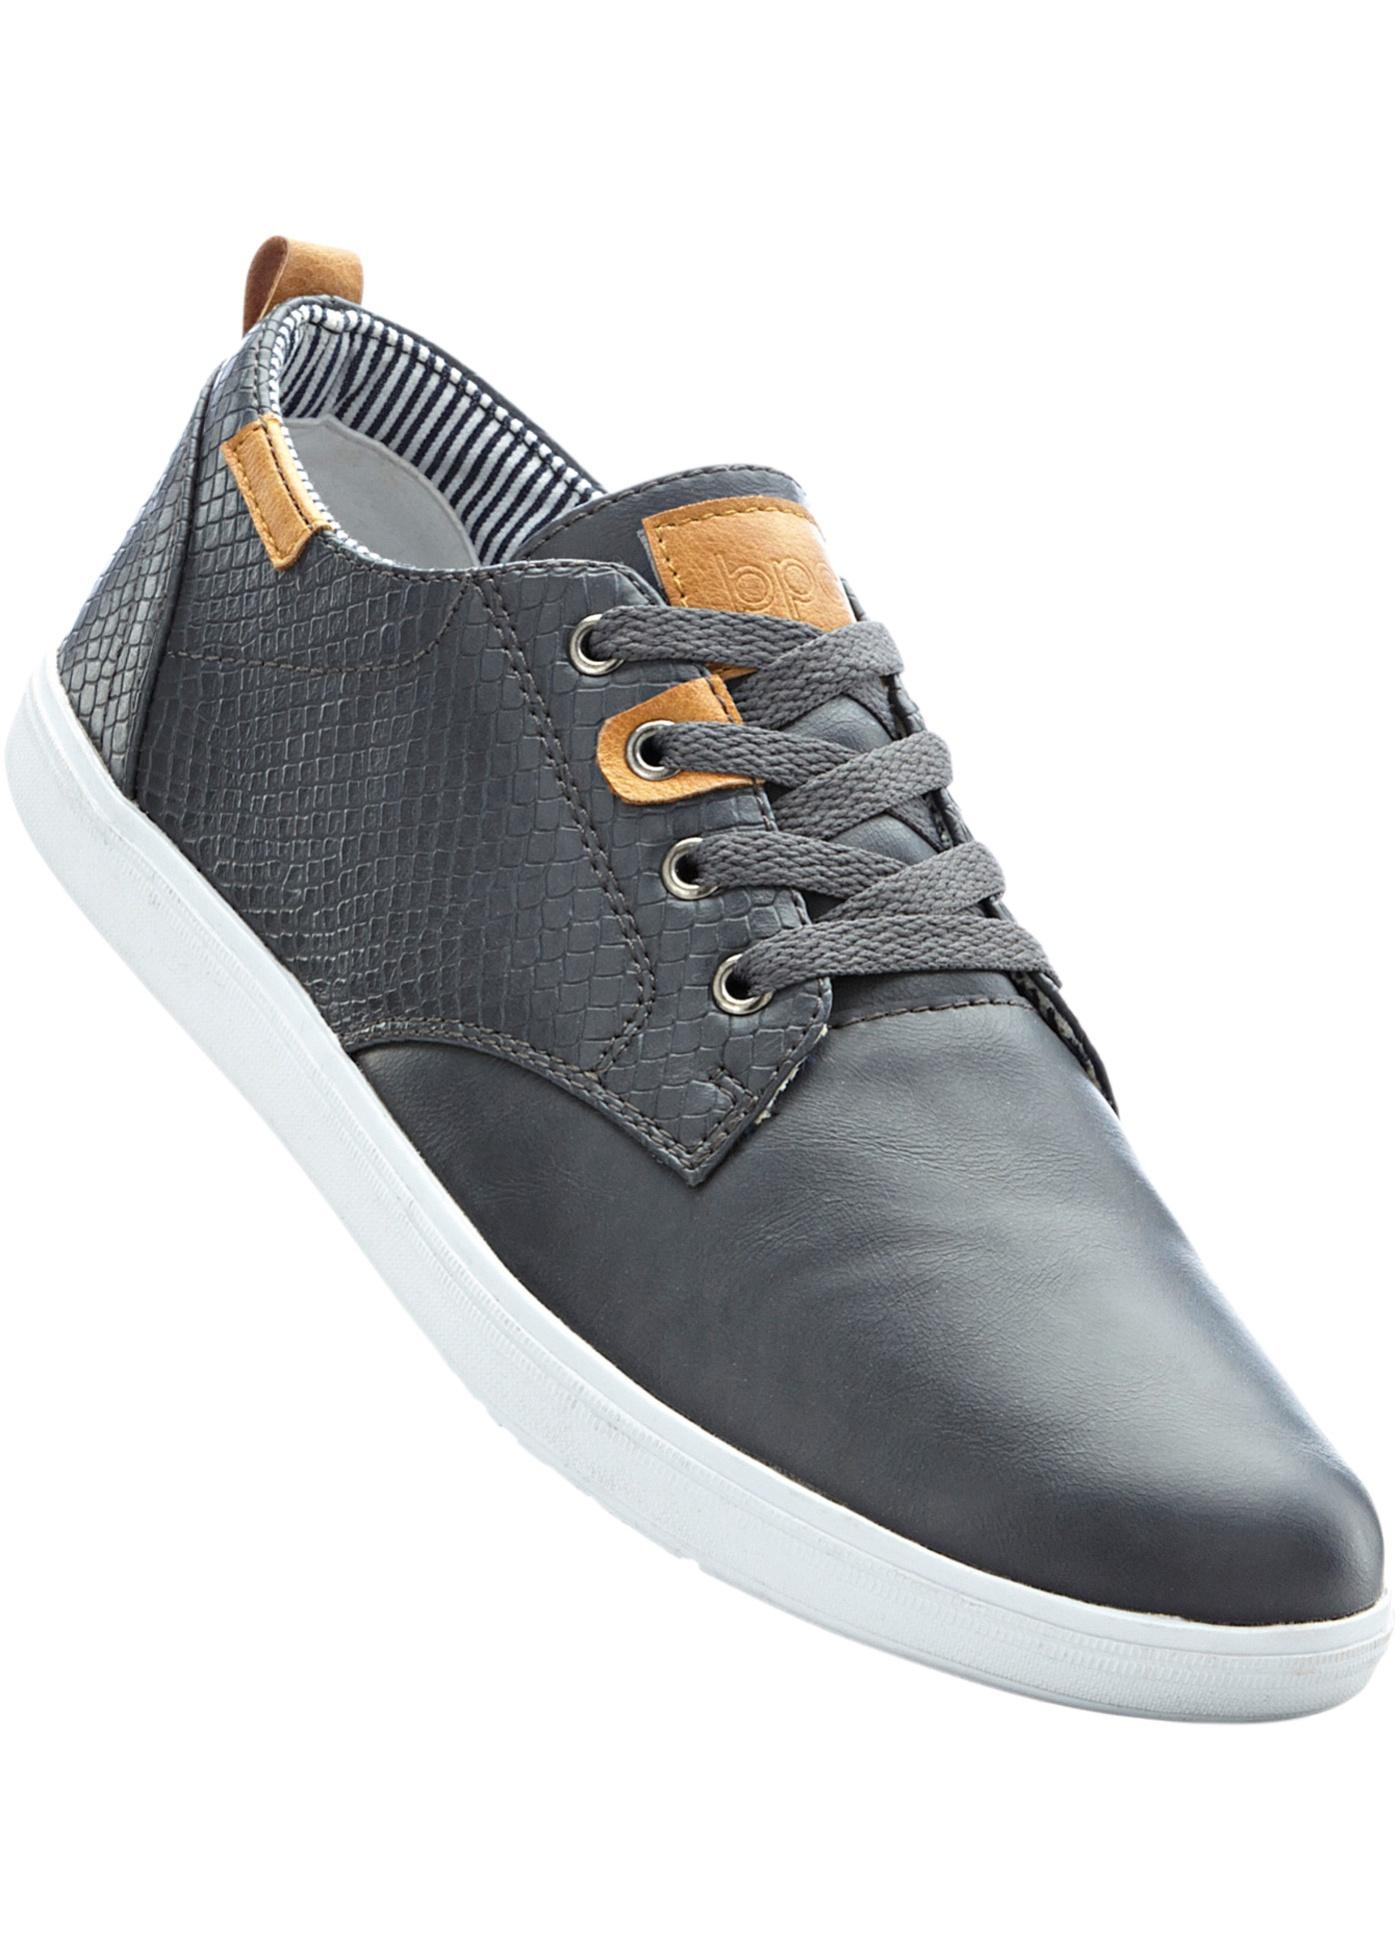 Sneaker  Grigio  - bpc bo